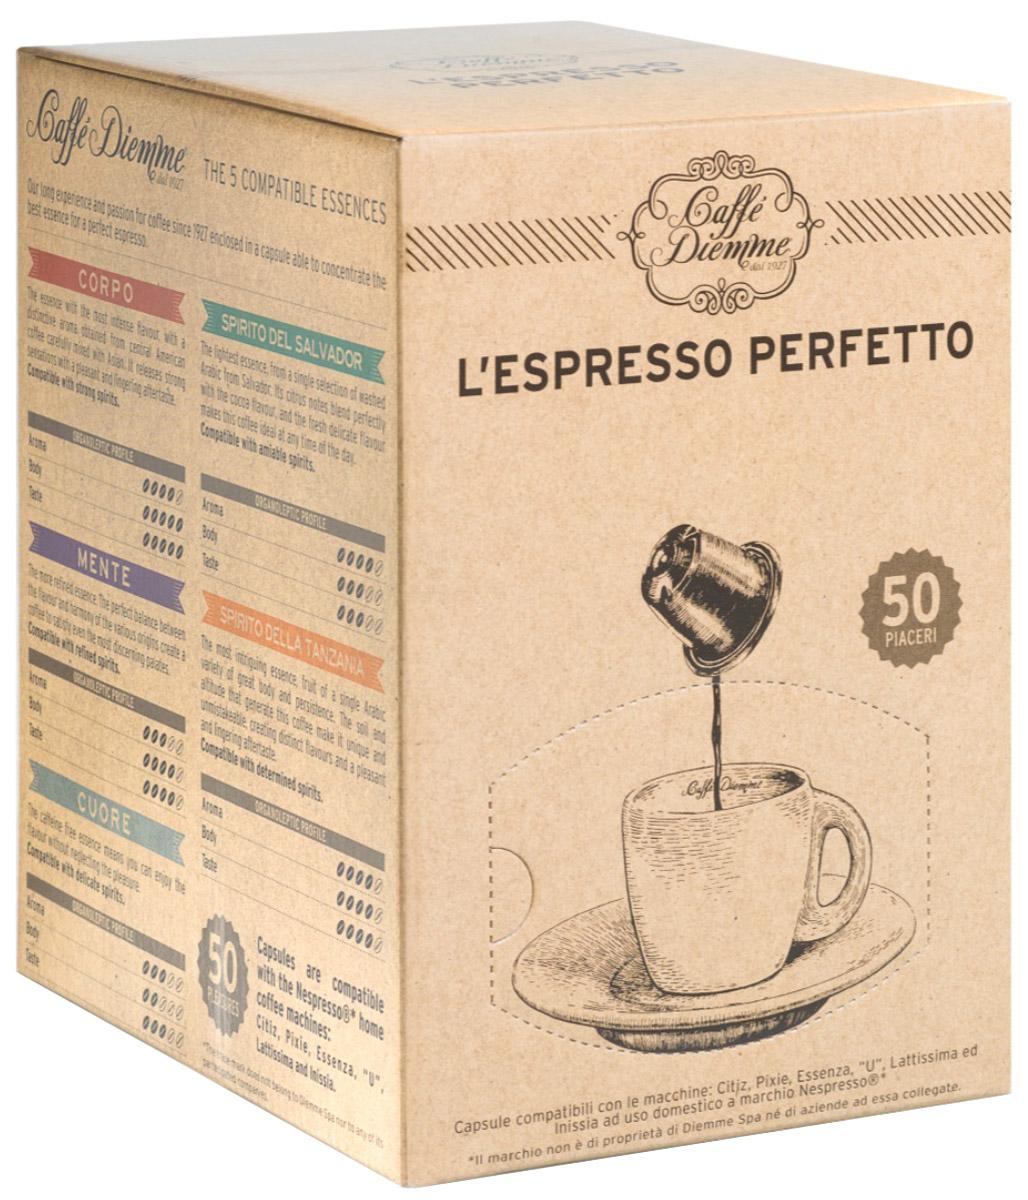 Diemme Caffe Cuore кофе в капсулах, 50 шт477136Аромат Diemme Caffe Cuore, не содержащий кофеина, позволяет не отказываться от богатой палитры аромата натурального кофе, и приносимого им удовольствия. Этот аромат предназначен для деликатных особ.Уважаемые клиенты! Обращаем ваше внимание на то, что упаковка может иметь несколько видов дизайна. Поставка осуществляется в зависимости от наличия на складе.